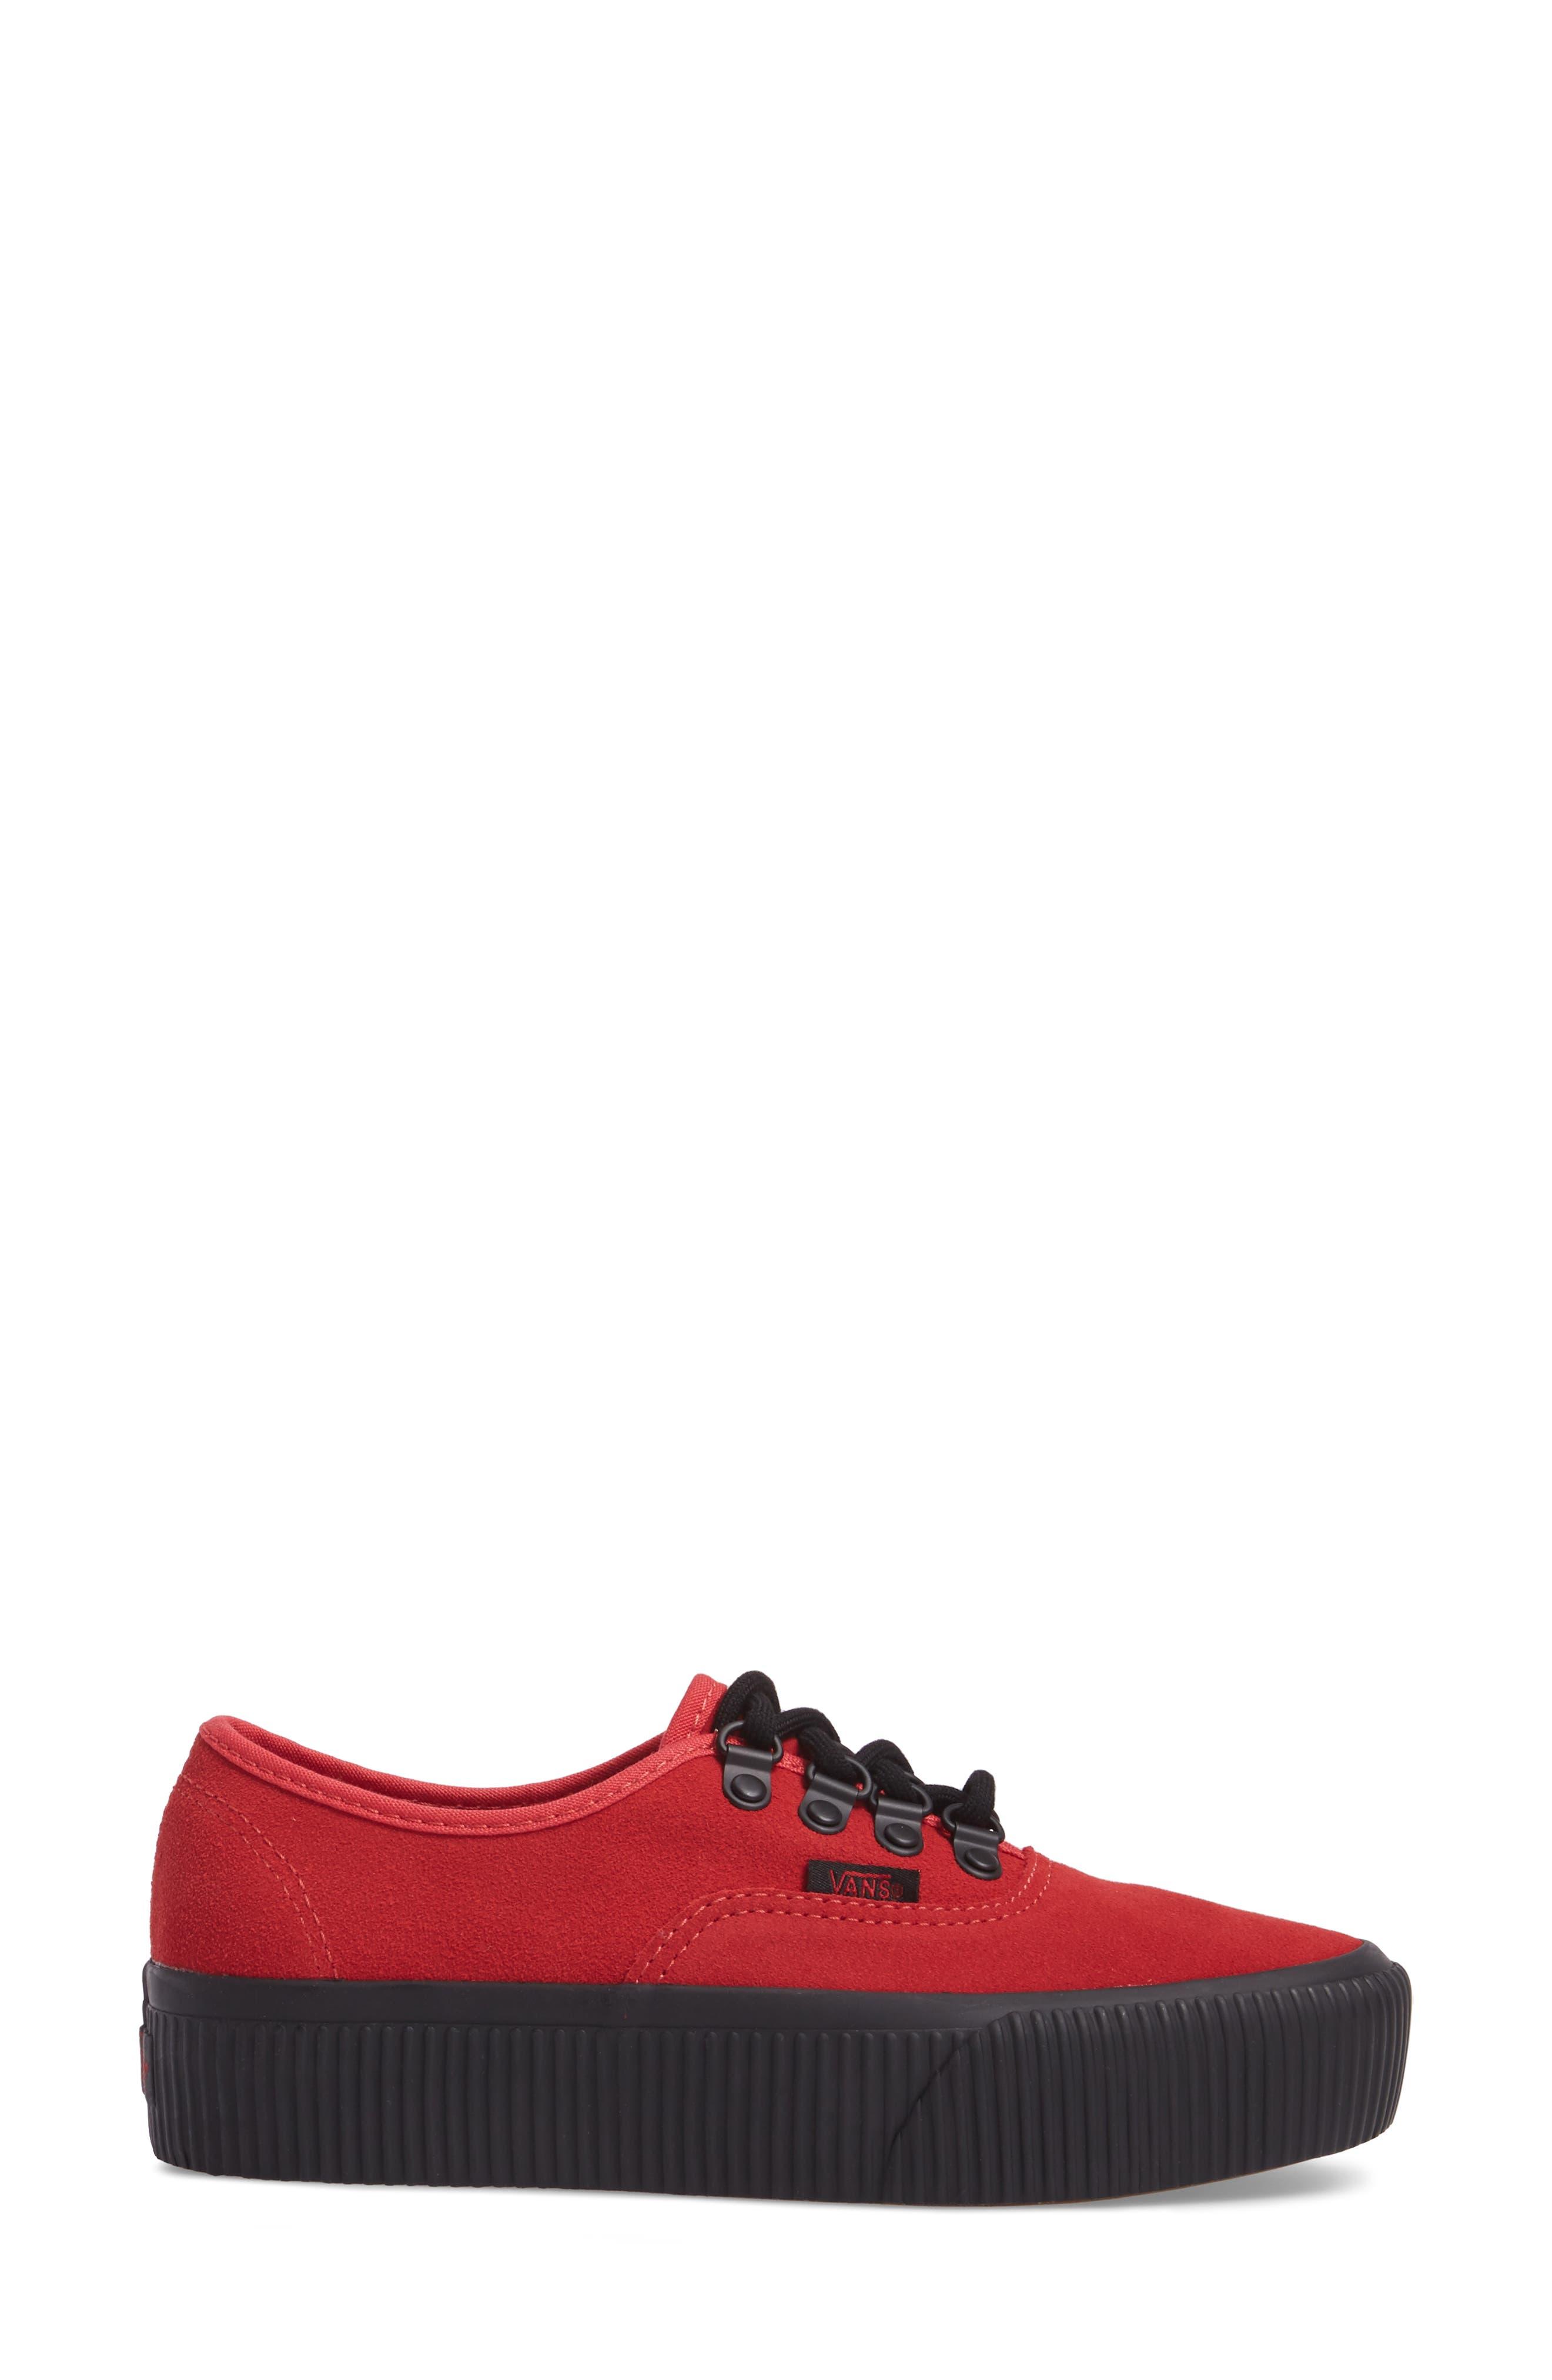 Authentic 2.0 Platform Sneaker,                             Alternate thumbnail 3, color,                             610